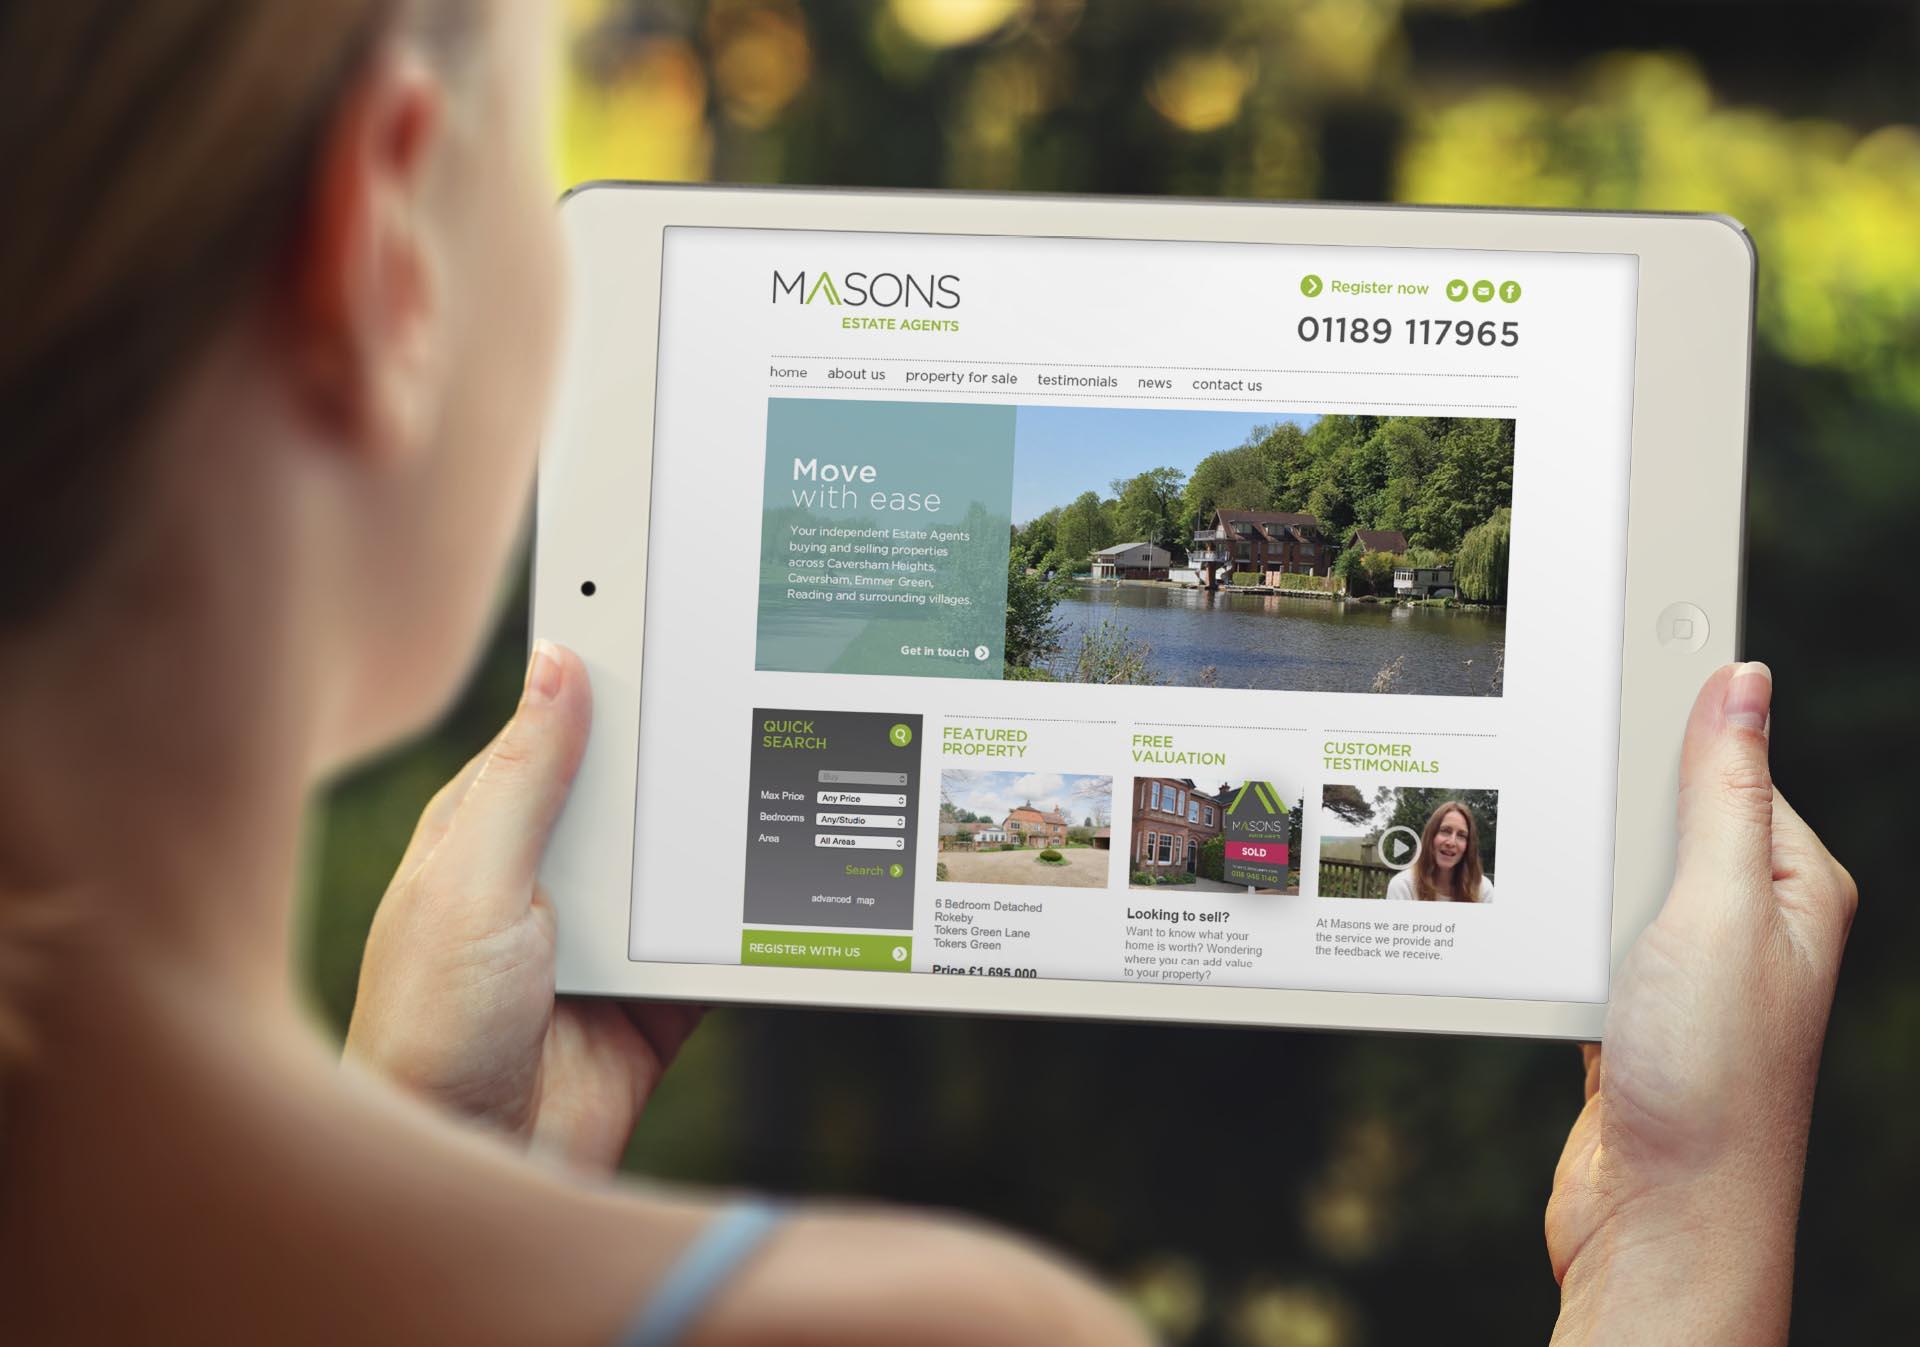 Butterscotch-Branding-Reading-Masons-Estate-Agents-Website